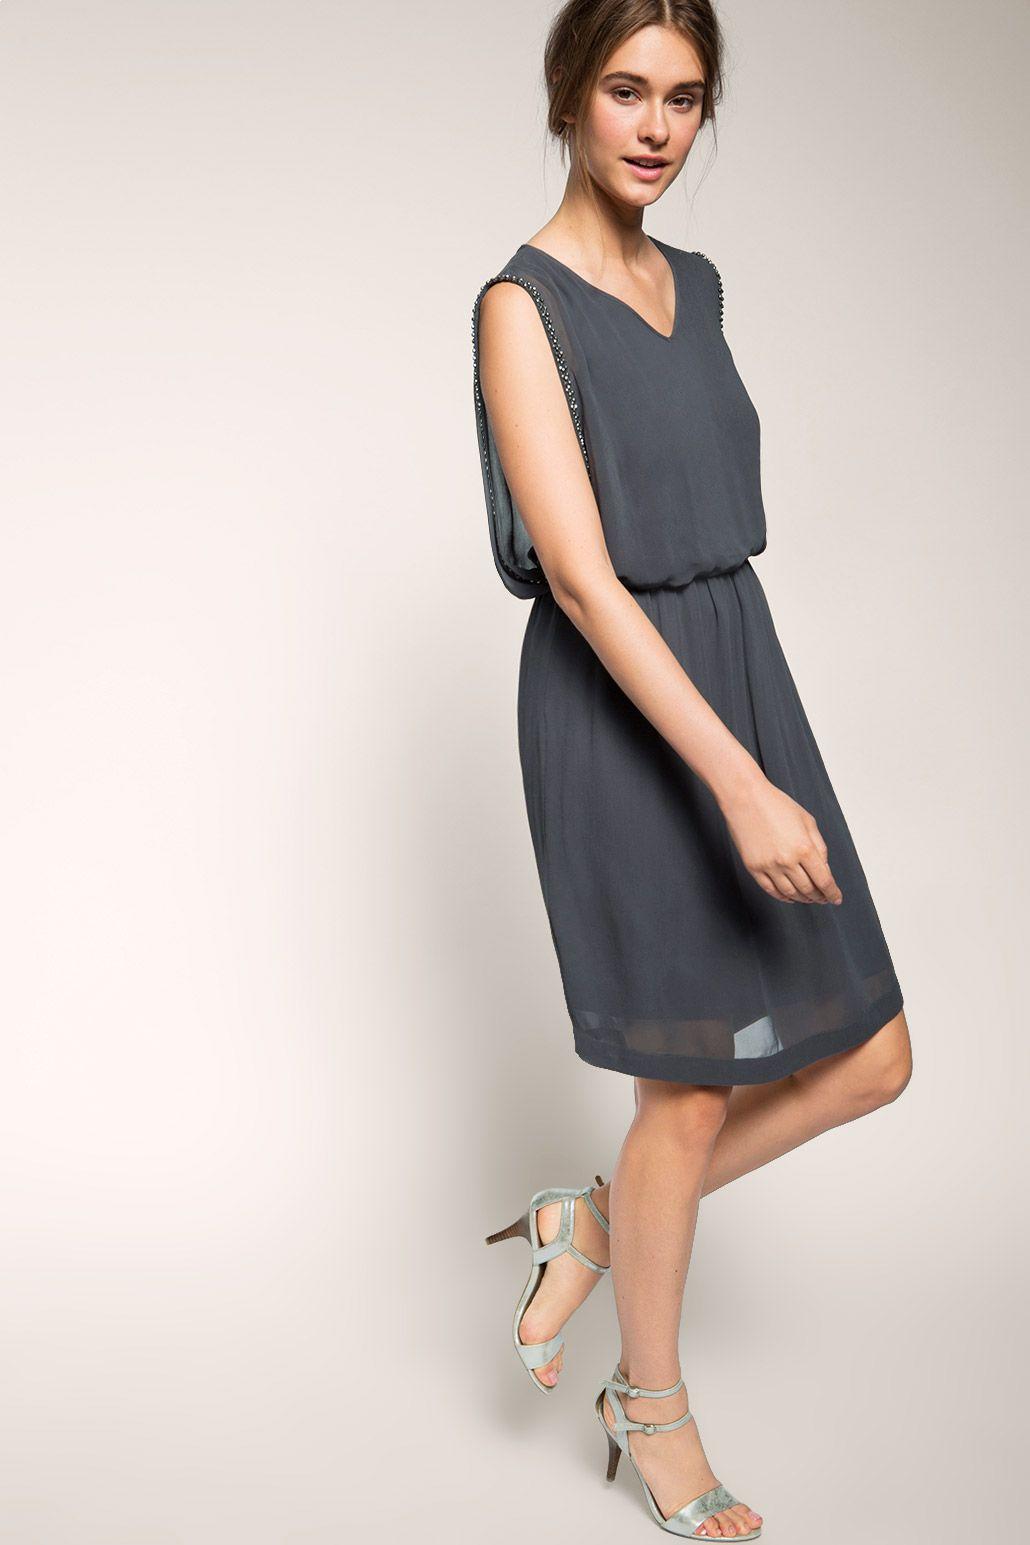 Mit diesem süßen #Kleid kann man beim ersten #Date nichts ...